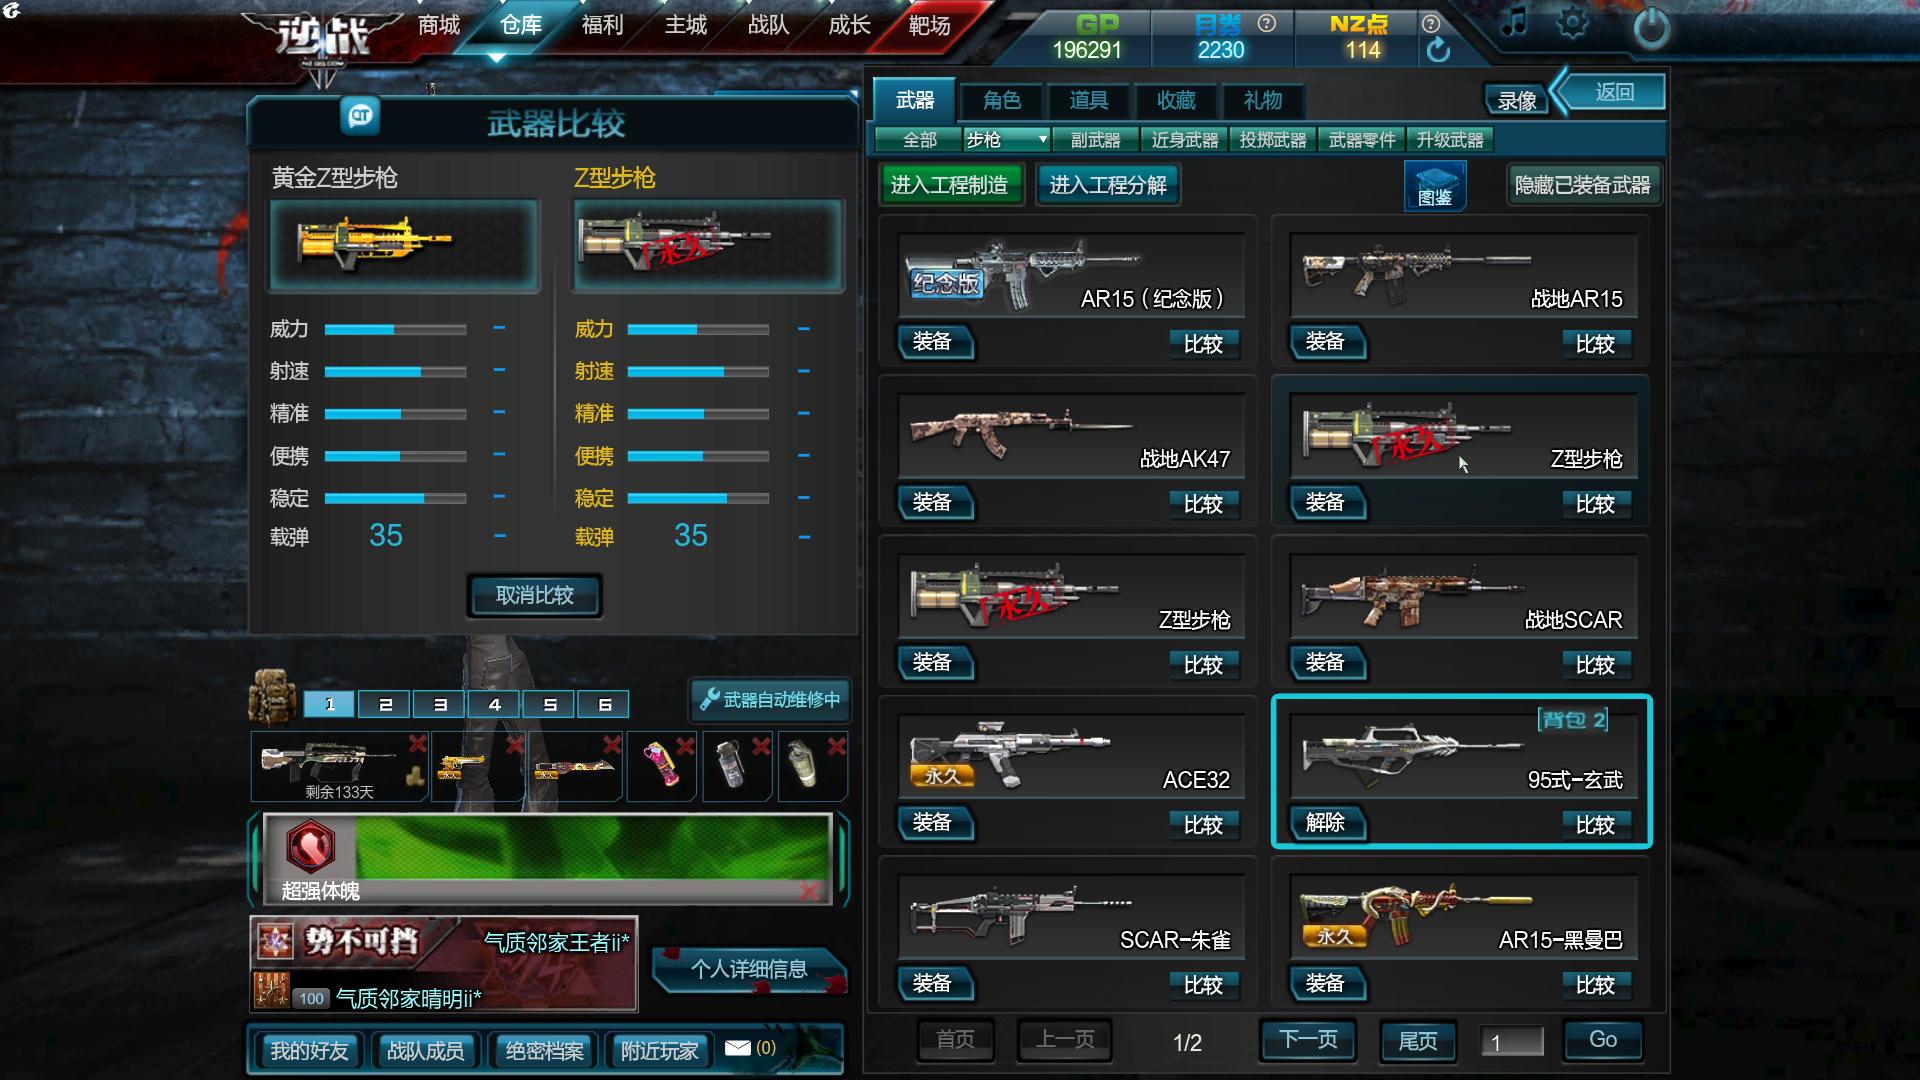 ���NZ[>Z�_逆战中z型步枪和黄金z型步枪属性一样吗?最好有图